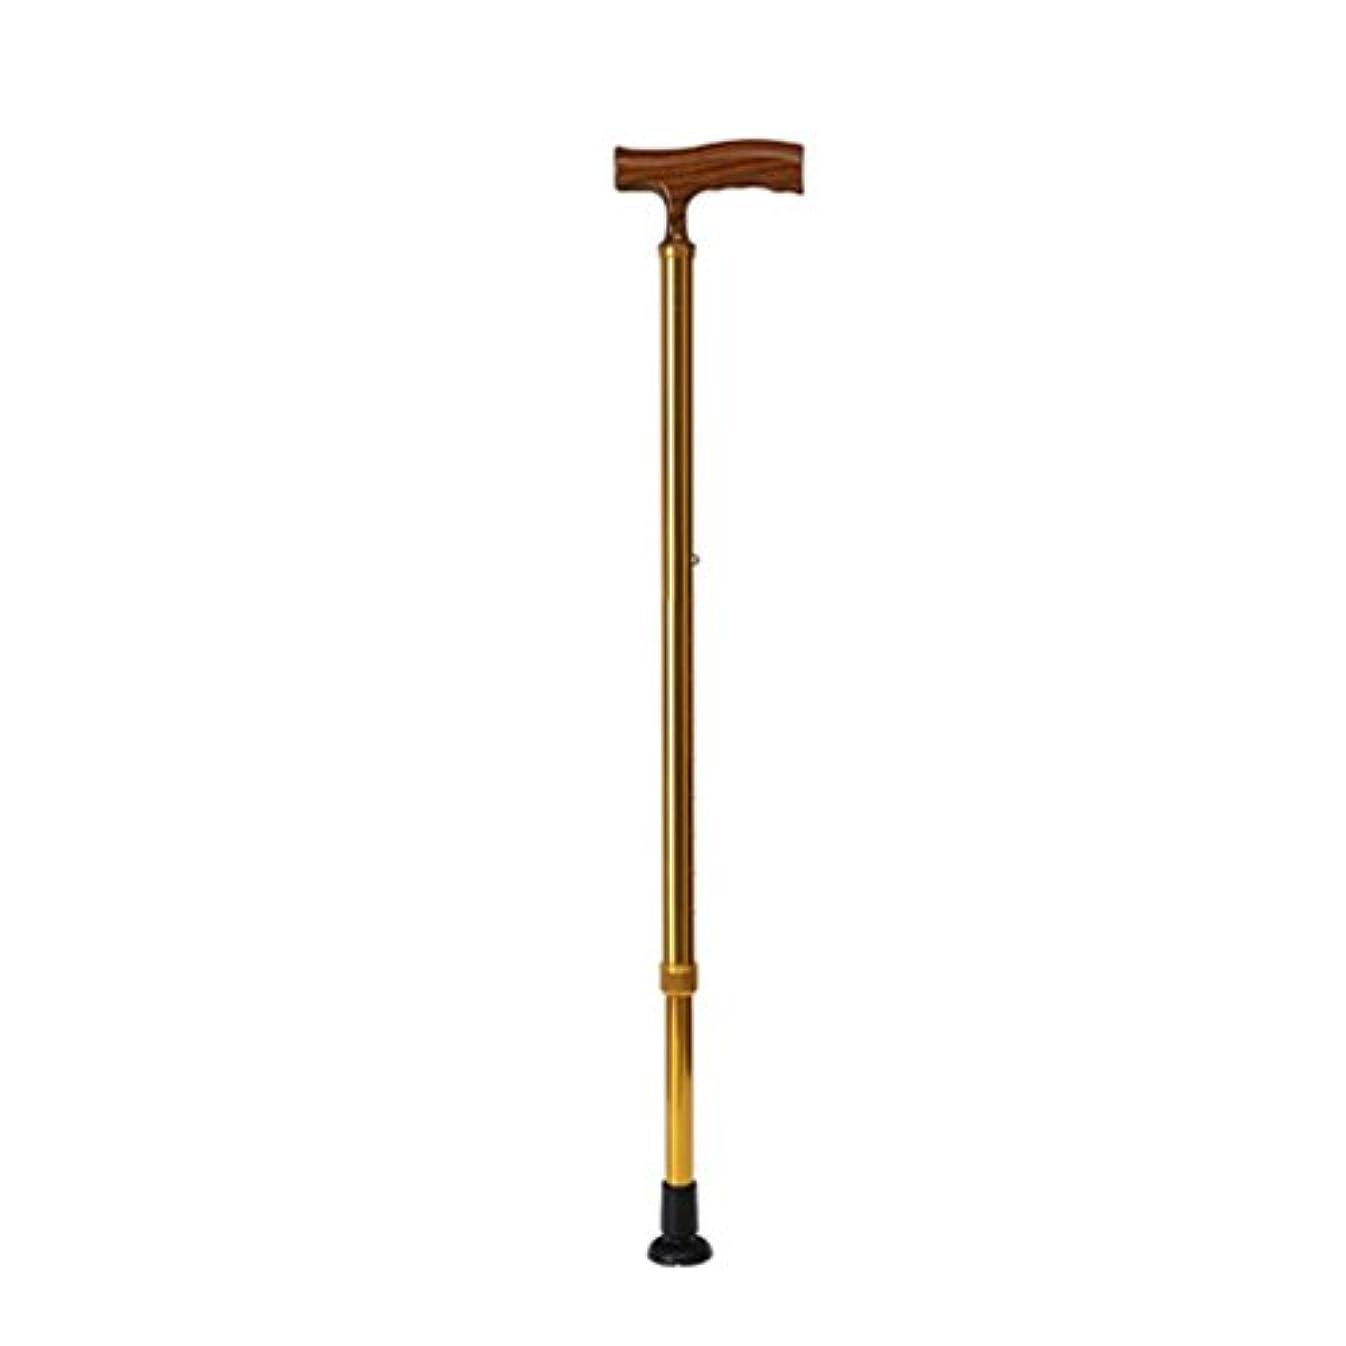 僕のワンダー桃HAIYING ウォーキングスティックアルミ杖高齢者引き込み可能なノンスリップ調節可能な高さウォーキングスティック成形プラスチックハンドル74-97CM高齢者のためのギフト (色 : ゴールド)